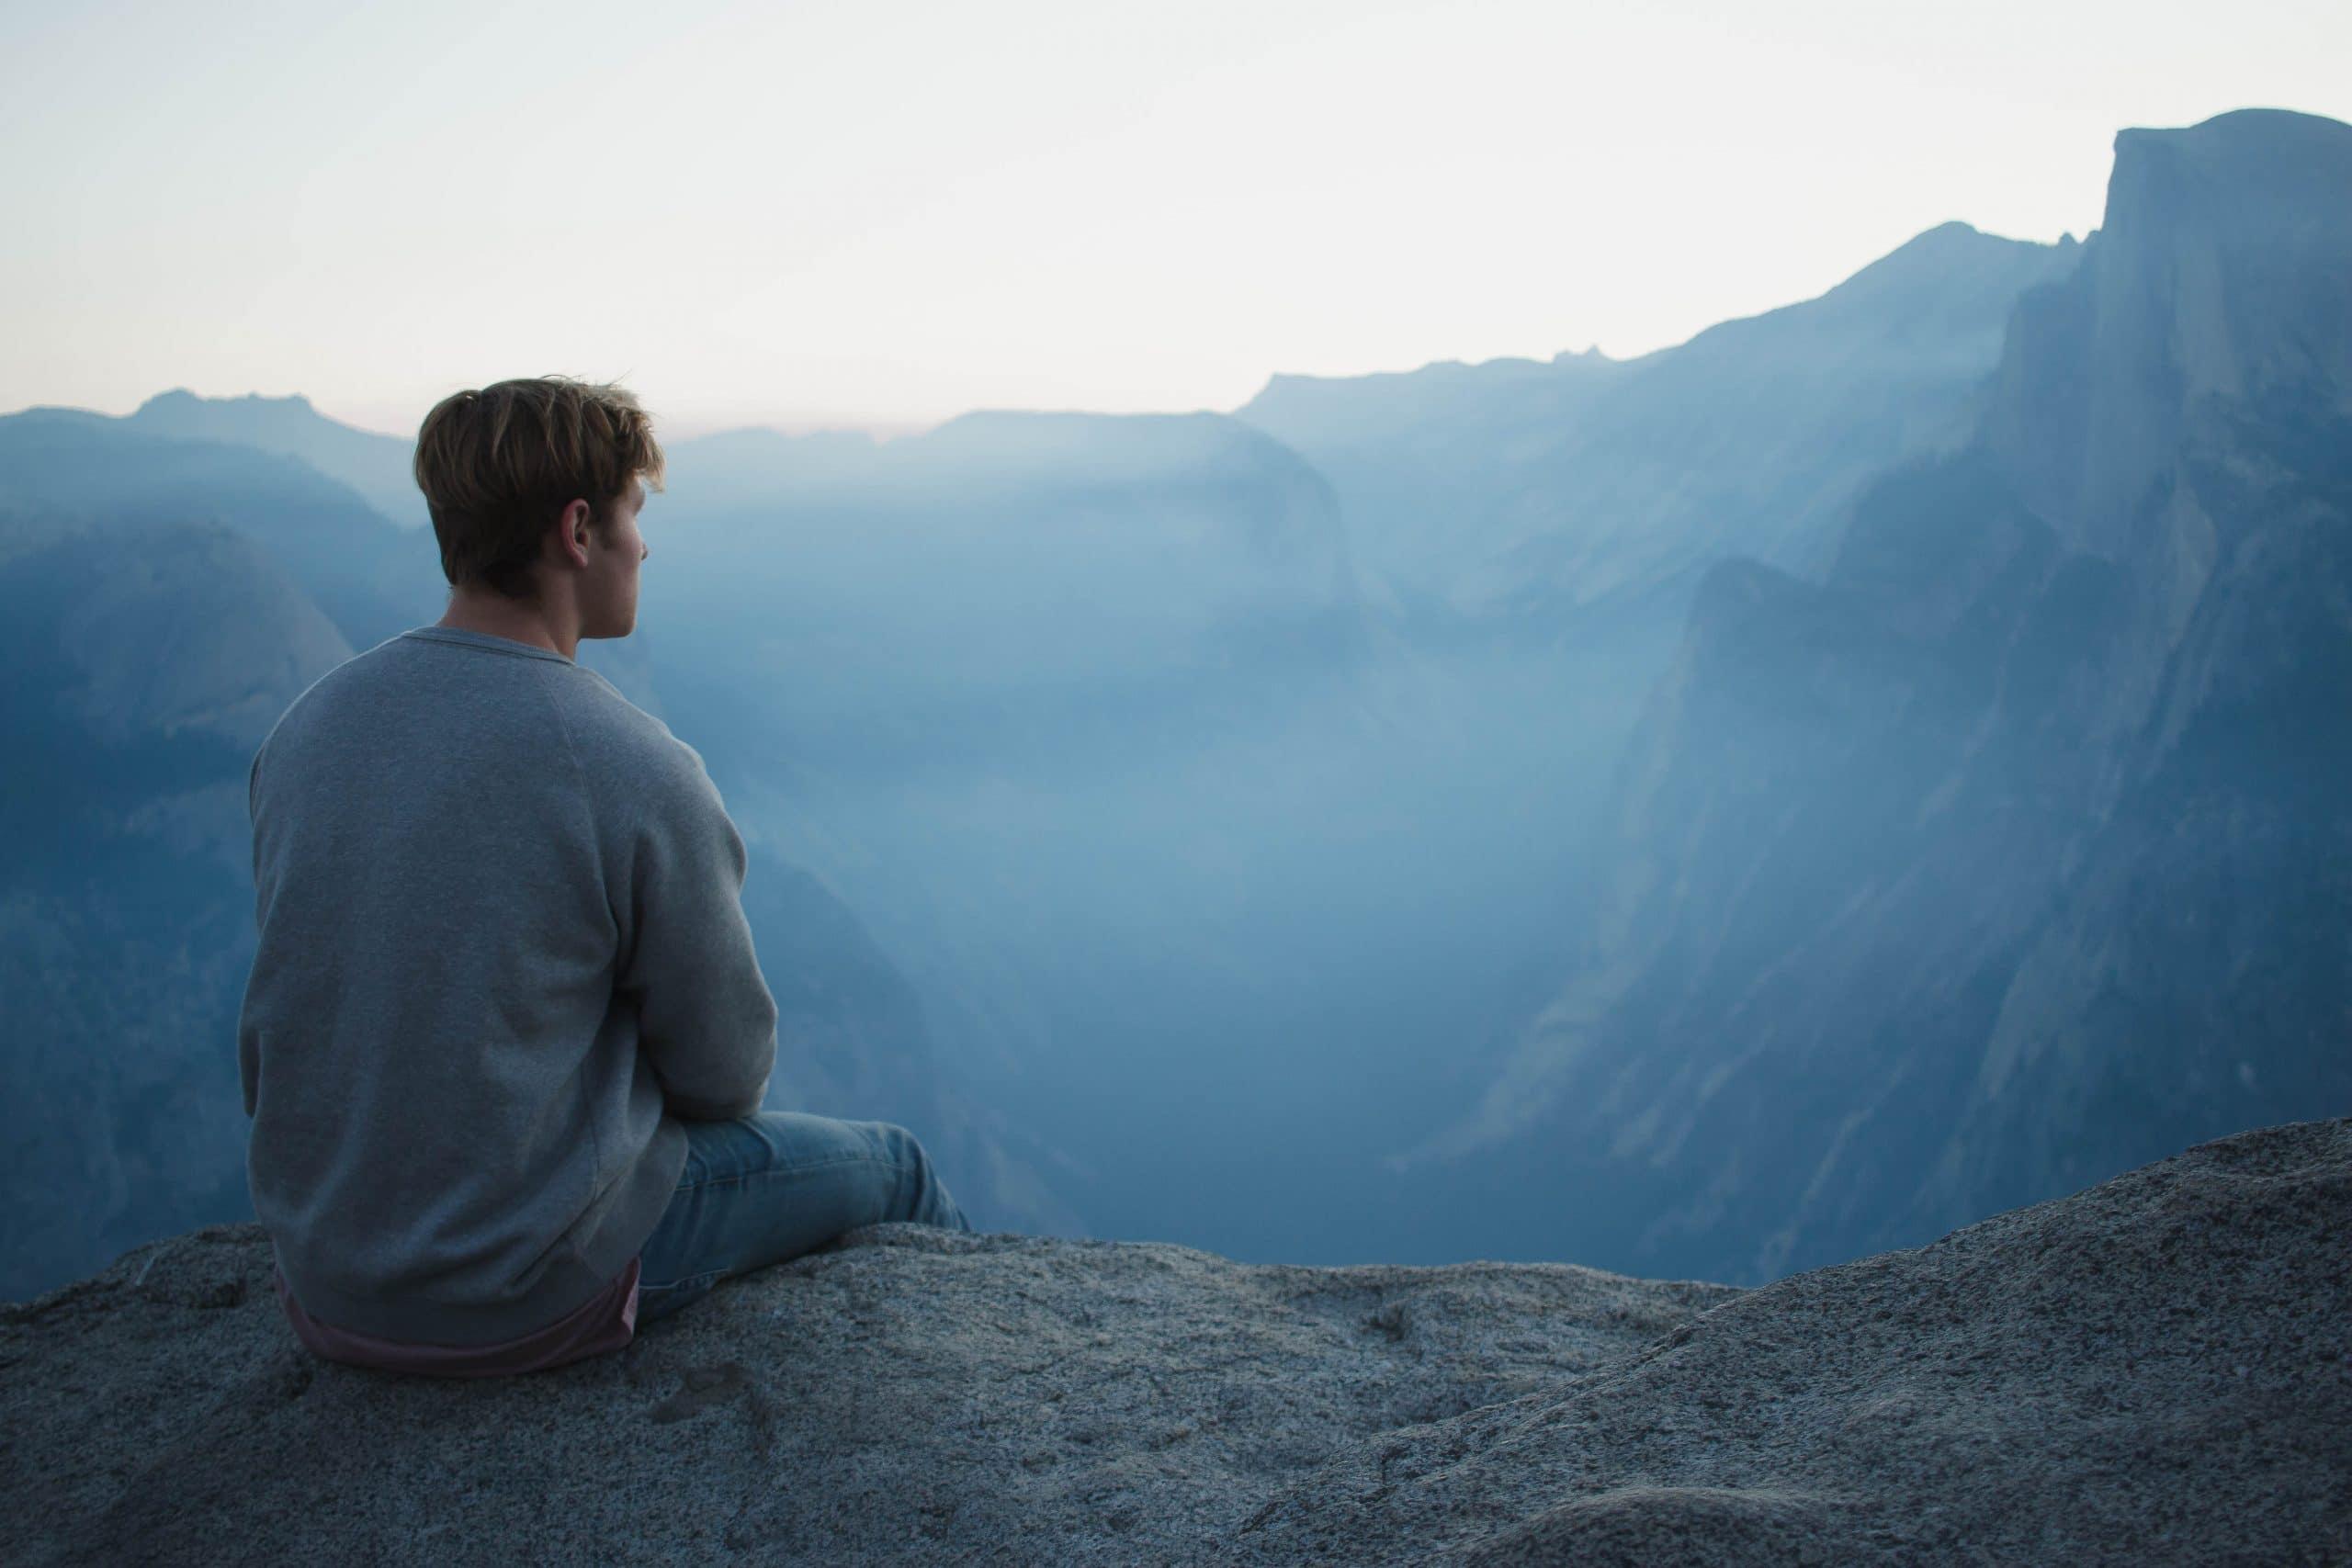 Homem sentado no topo de uma montanha, observando o horizonte.